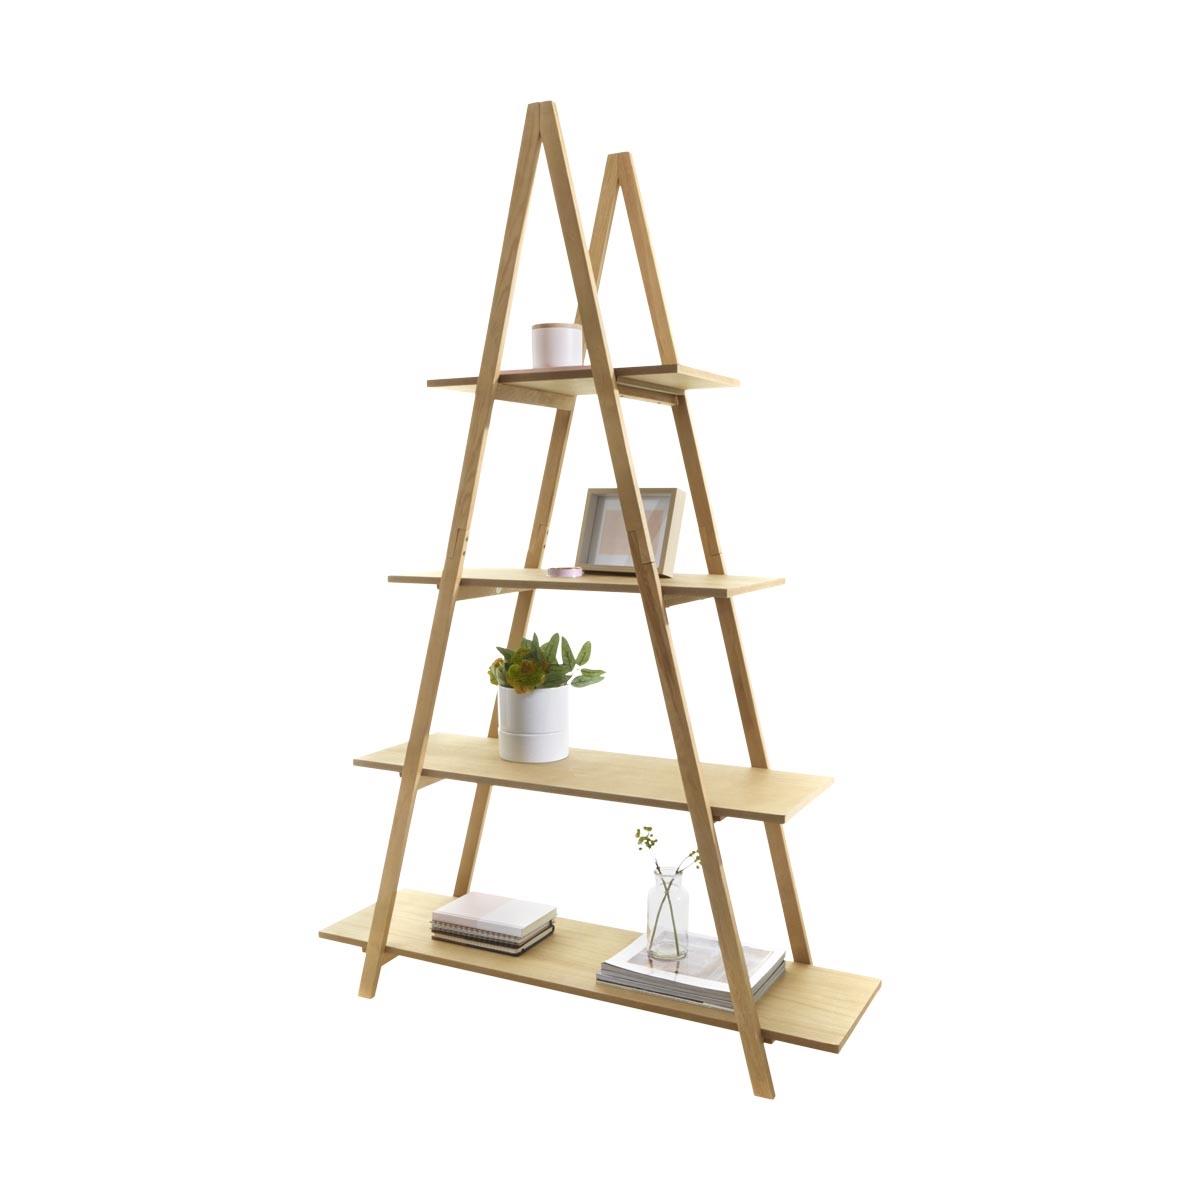 AFrame Ladder Bookshelf Kmart A frame ladder, Ladder